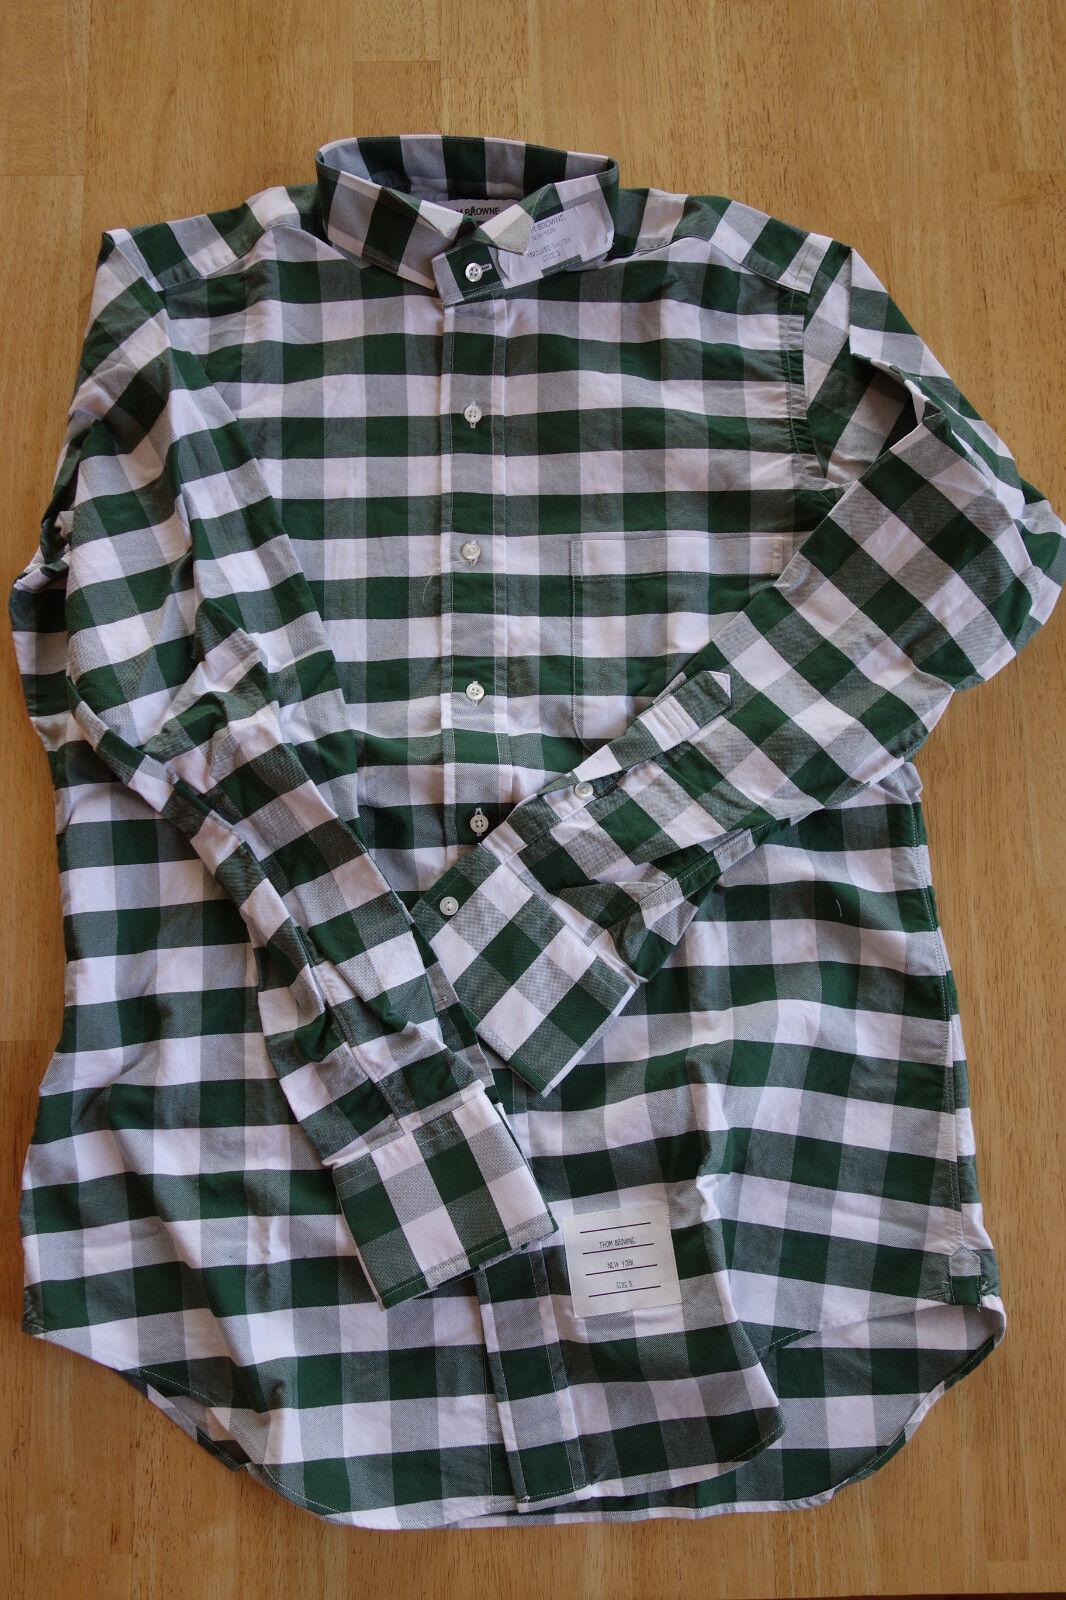 Nuevo sin  etiquetas Thom marróne verde blancoo Cuadros Cuello de ala de Tela de Oxford TB1 15-33.5  barato y de alta calidad